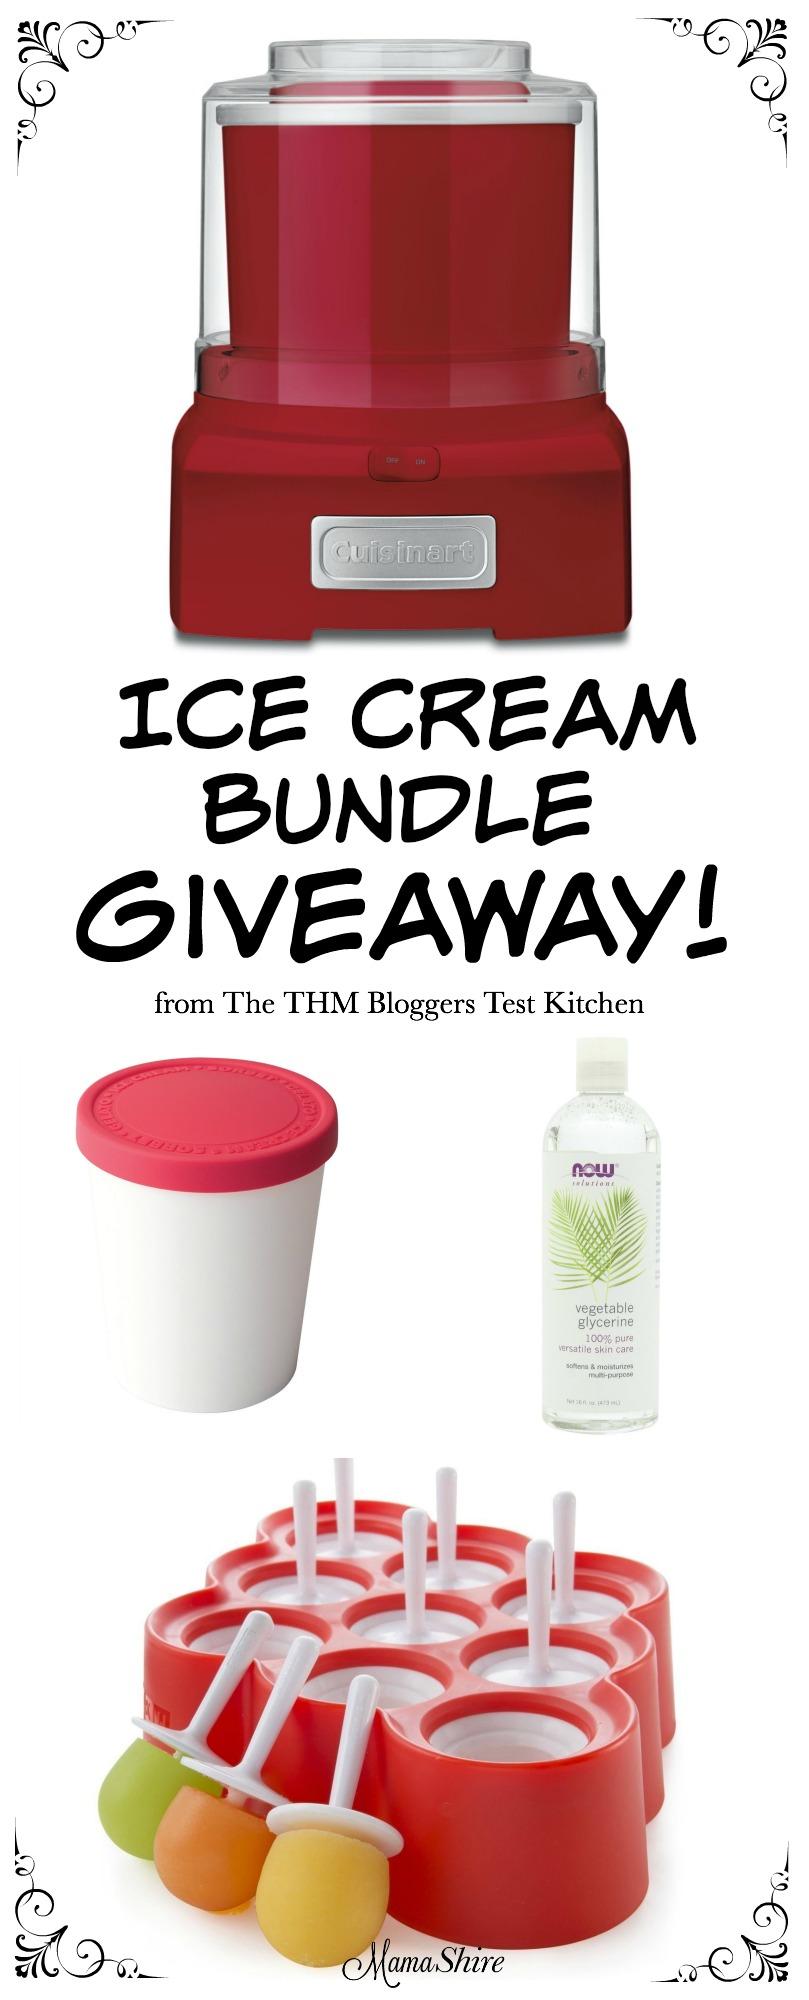 Ice Cream Bundle Giveaway